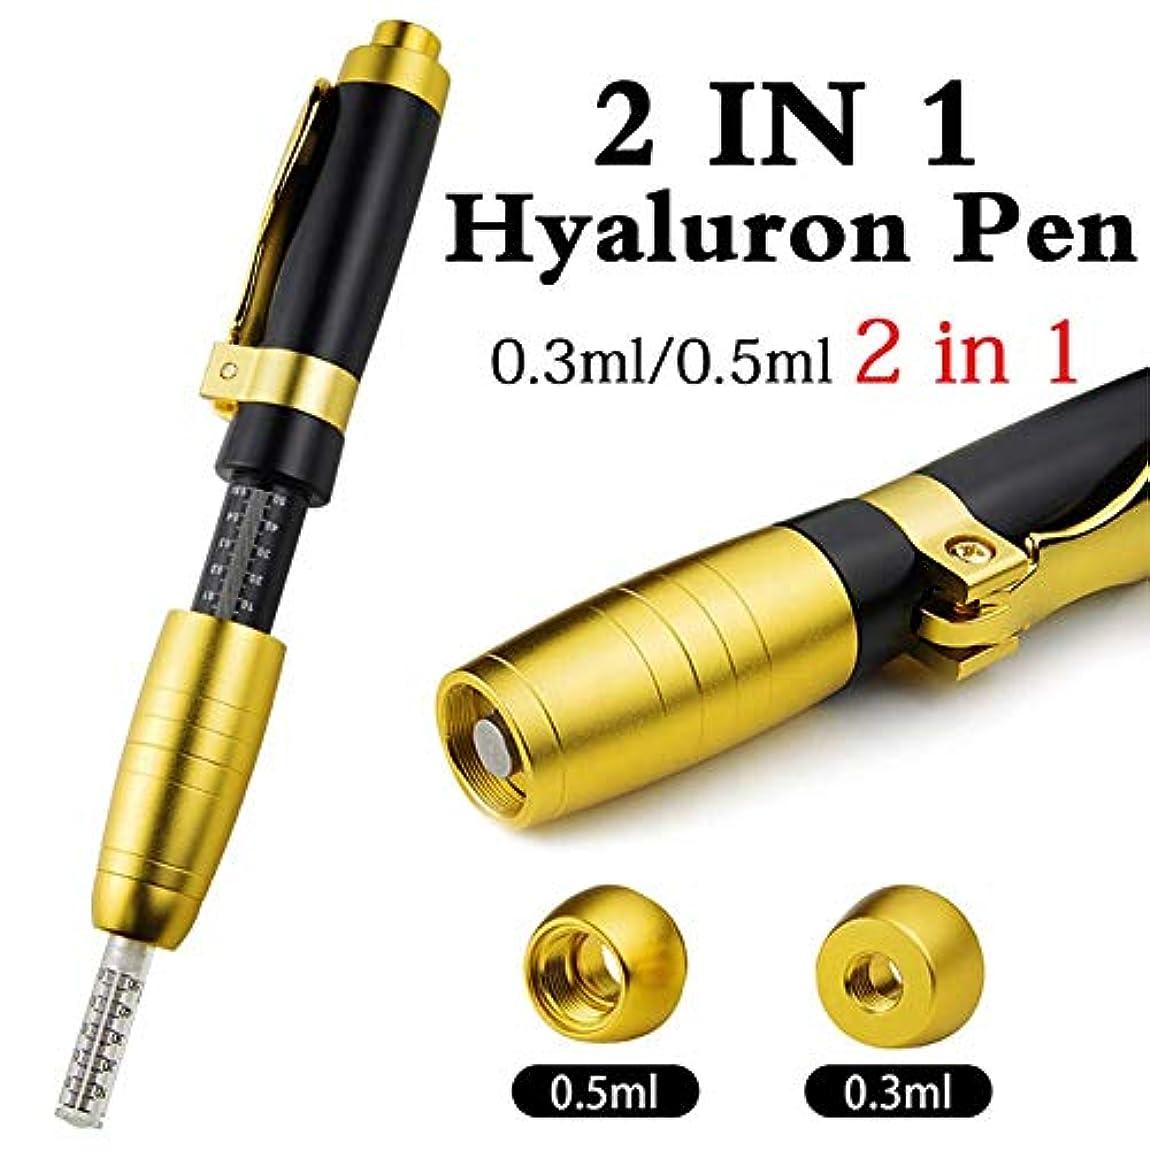 破壊的な物足りない苦しみ2 in 1 2ヘッドヒアルロンペン0.3ml&0.5mlヒアルロン注射ペンヒアルロン酸注射器リップフィラー針無料注射ペン